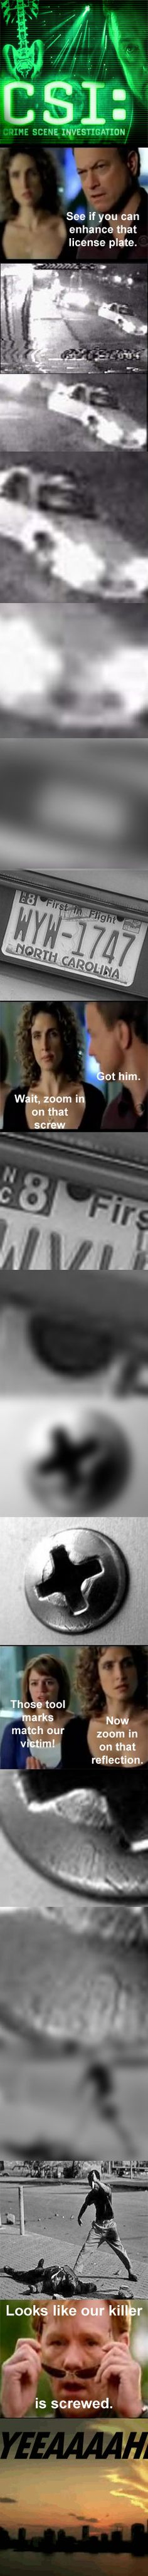 CSI Enhance Numberplate